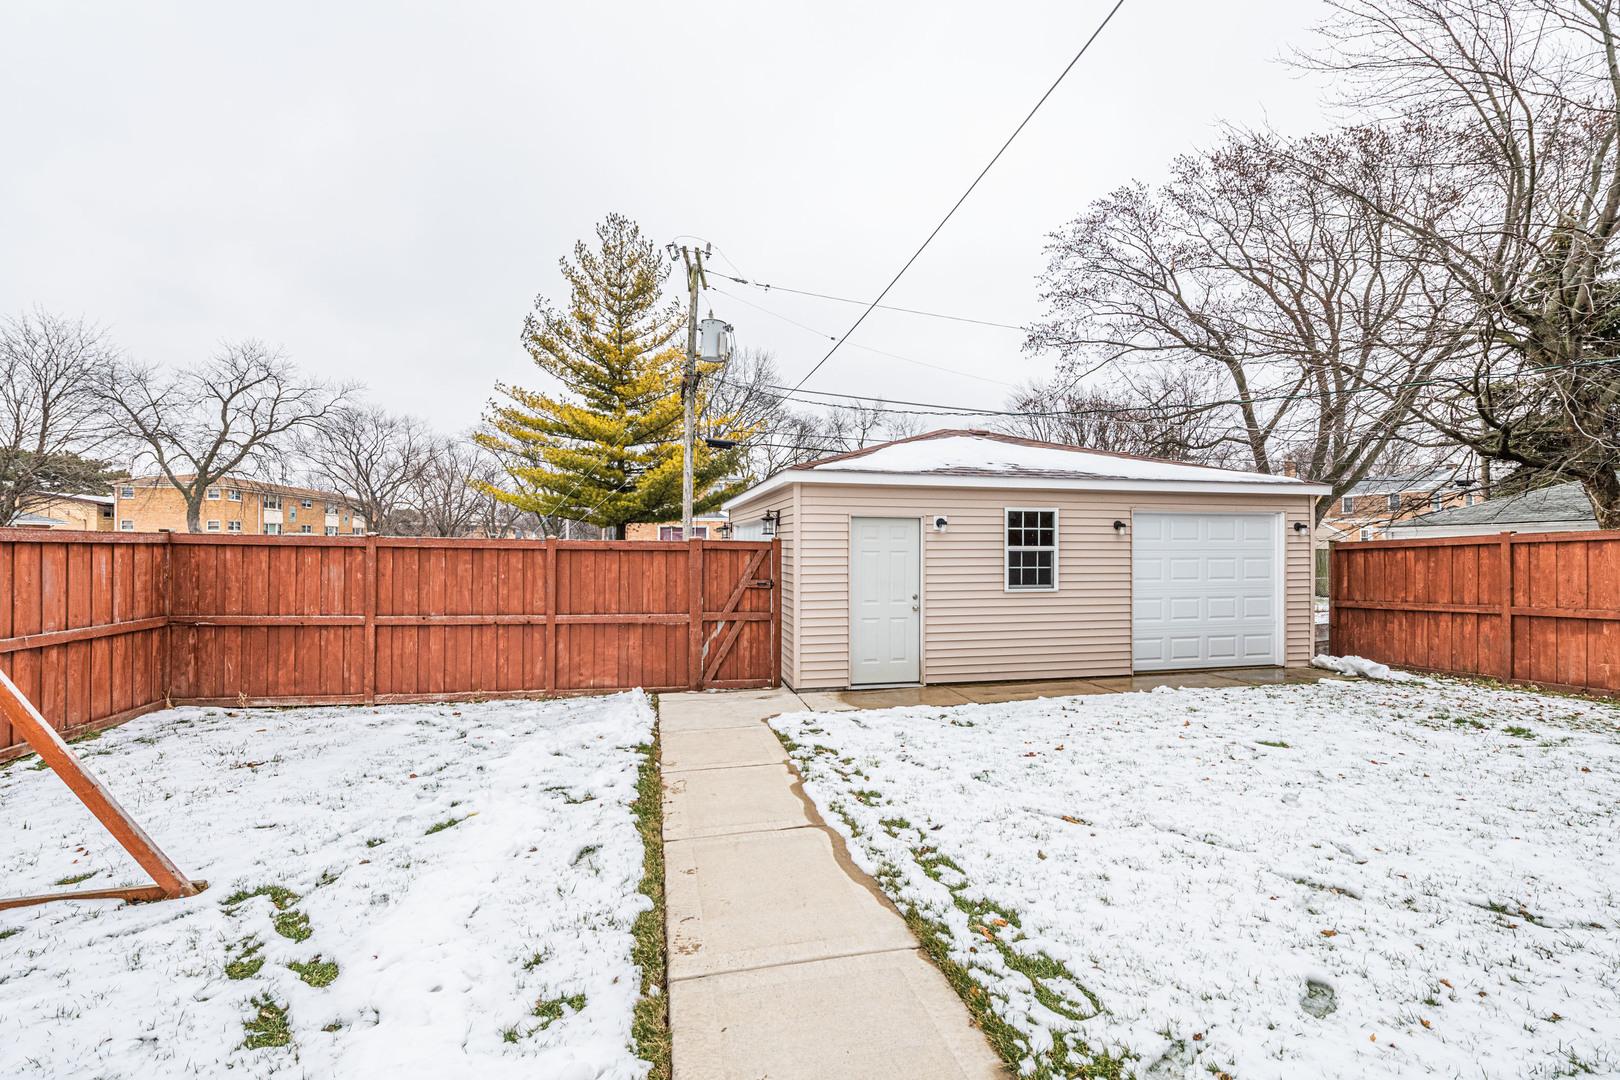 521 North Elm, Hillside, Illinois, 60162